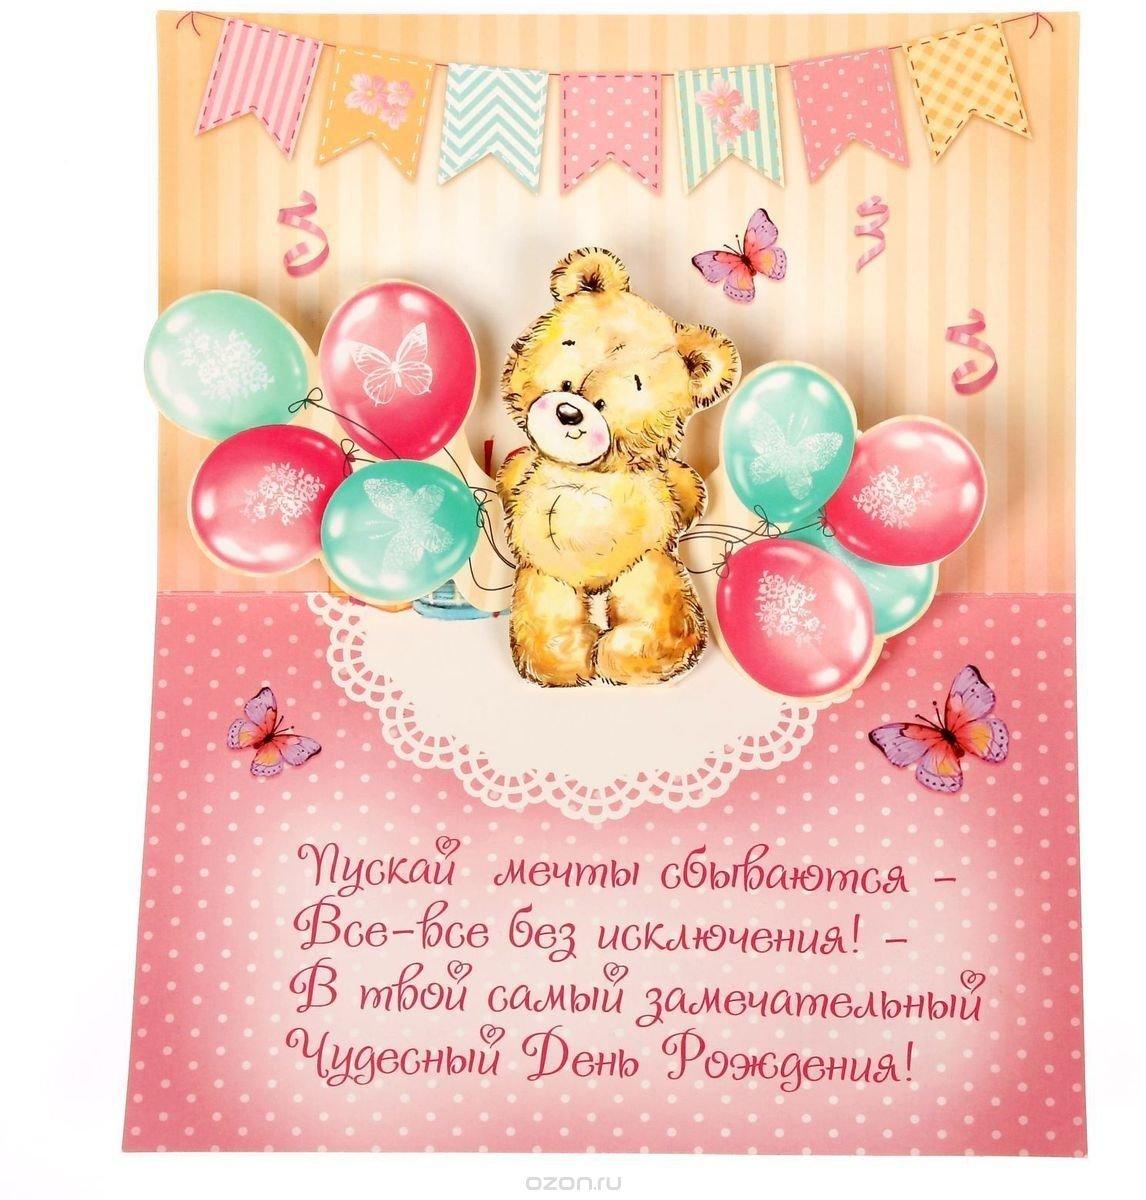 Детская открытка с днем рождения женщине, картинки